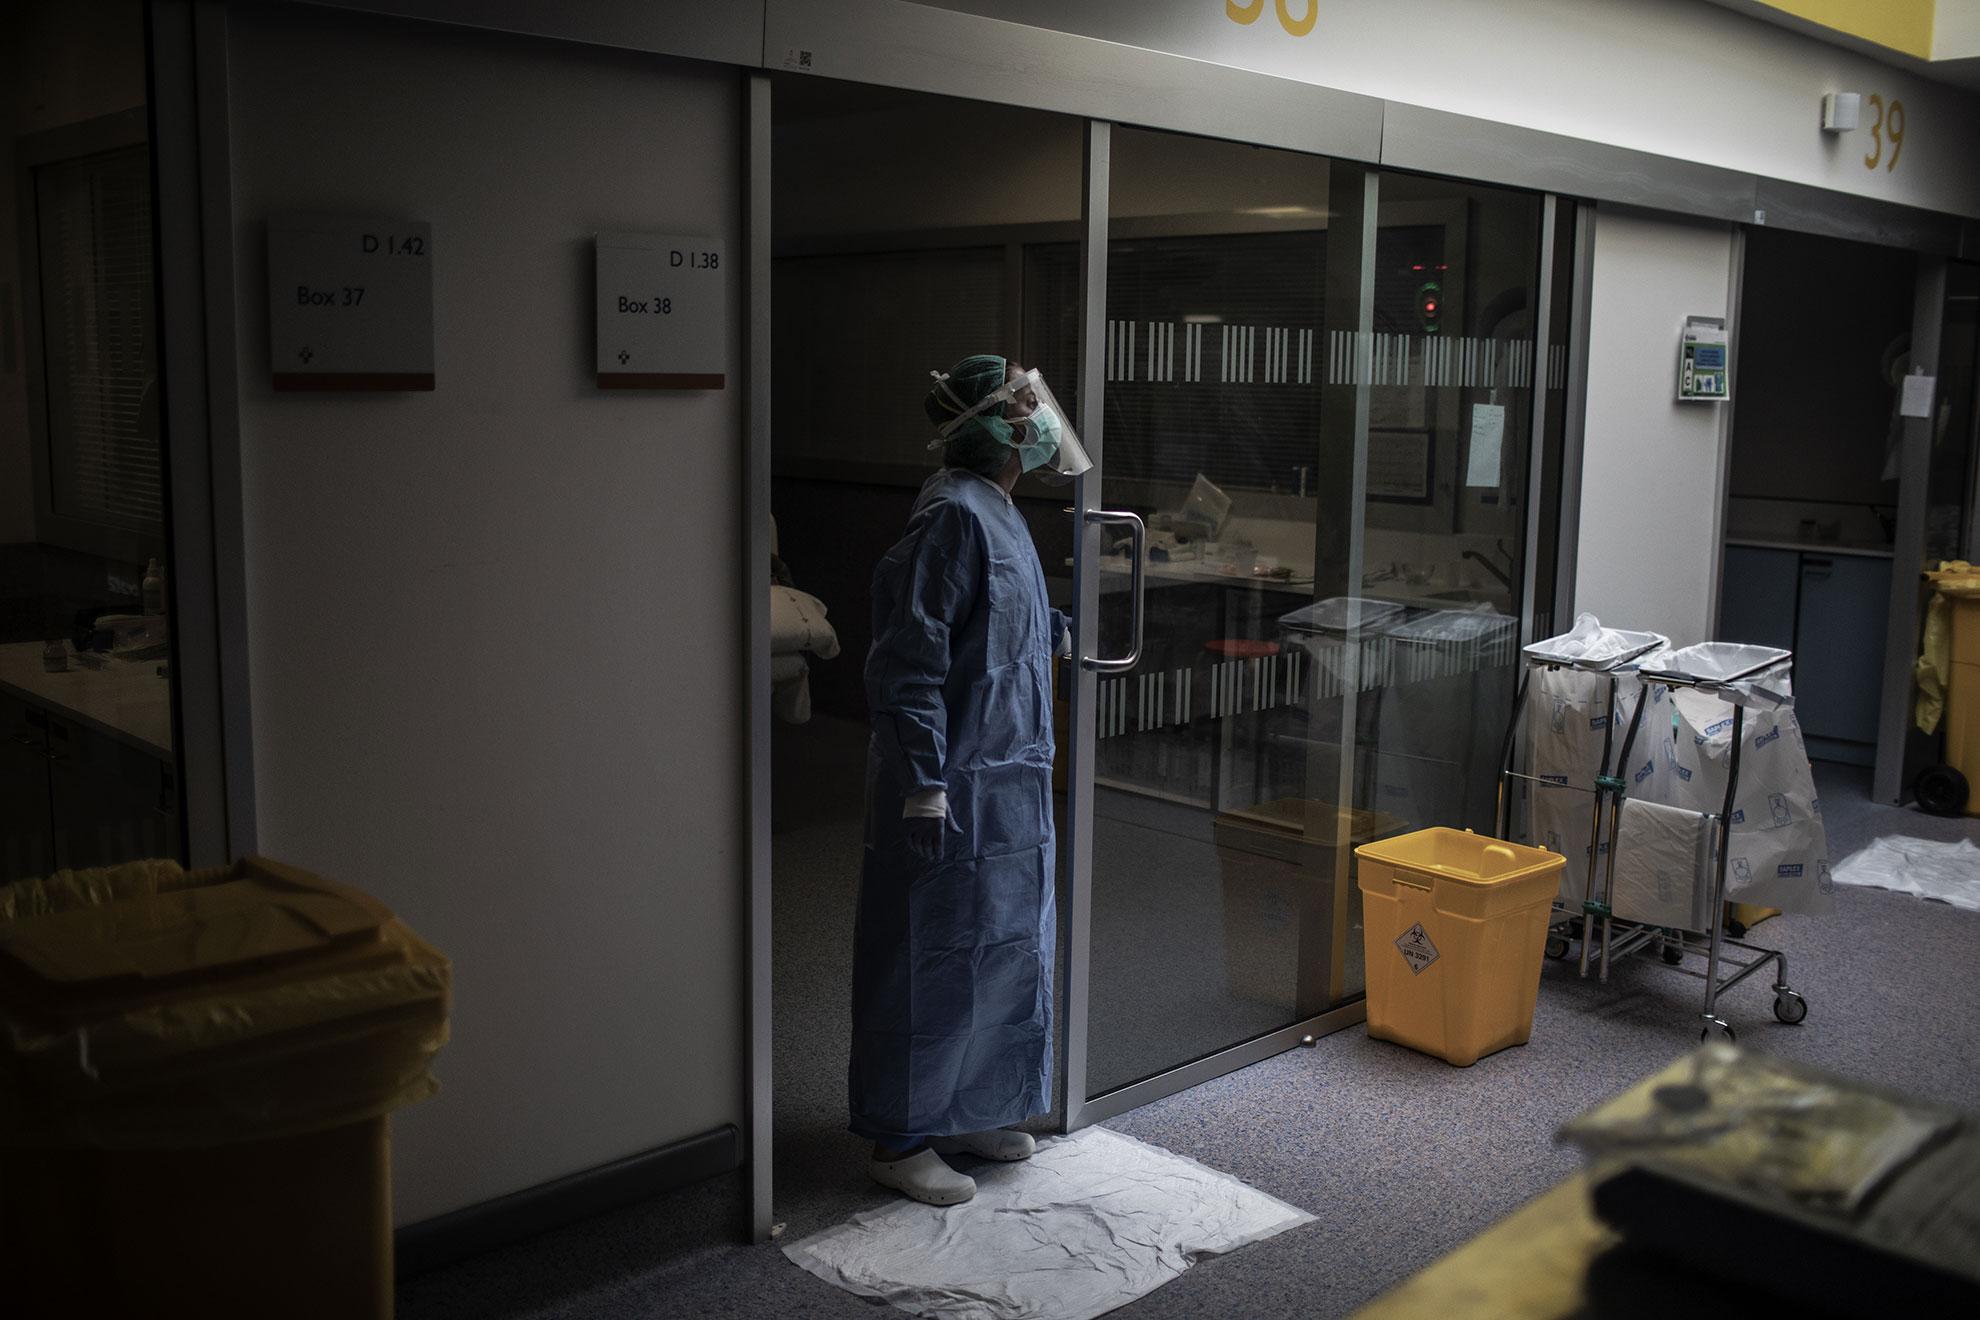 En esta foto hecha el pasado 15 de Abril. Una miembro del personal médico del HUCA (Hospital Universitario Central de Asturias) pide ayuda a sus compañeros mientras atiende a un enfermo de COVID-19 dentro de la UCI del Hospital. Oviedo, Asturias, España.